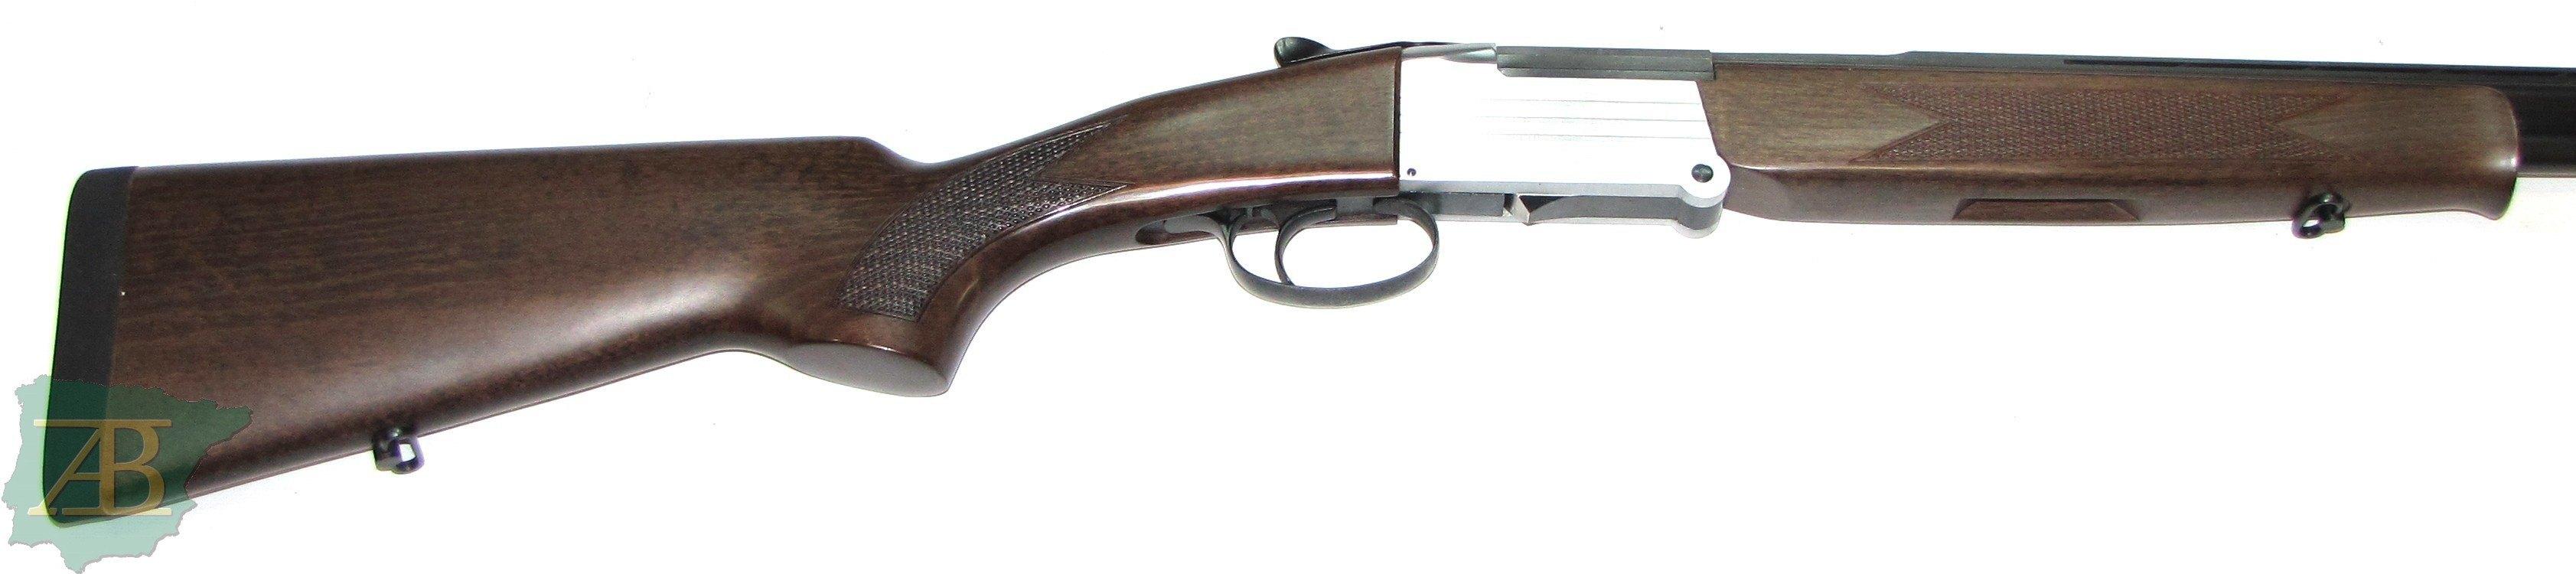 Escopeta monotiro INVESTARM ref 5454-armeriaiberica-2